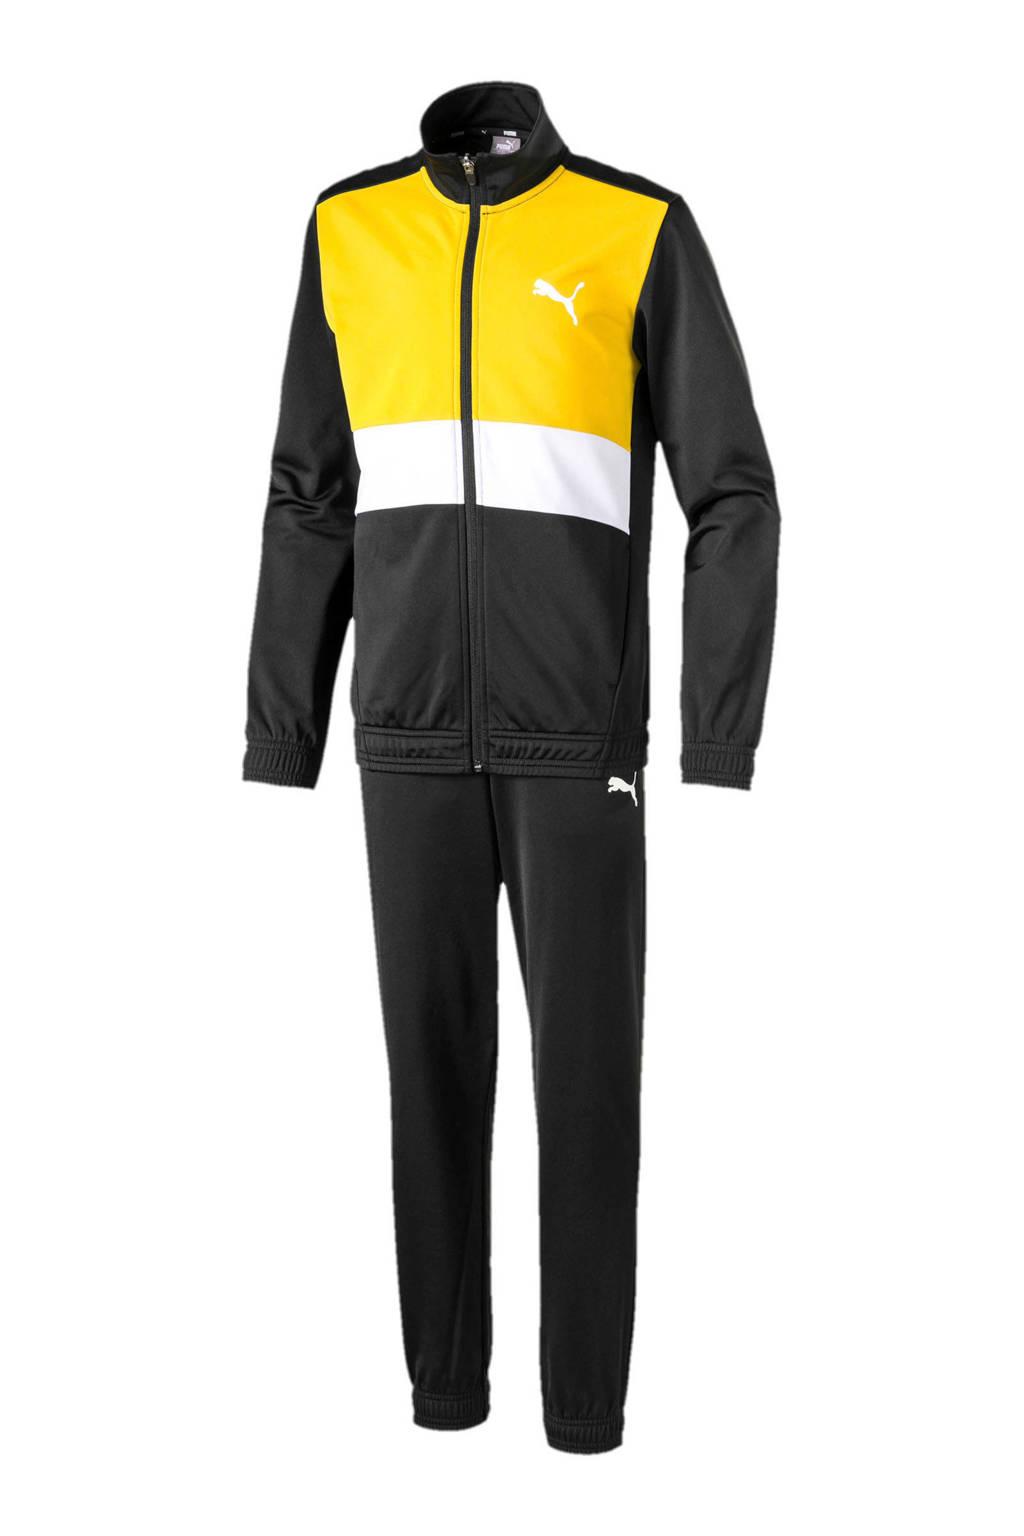 Puma   trainingspak geel/zwart, Geel/zwart/wit